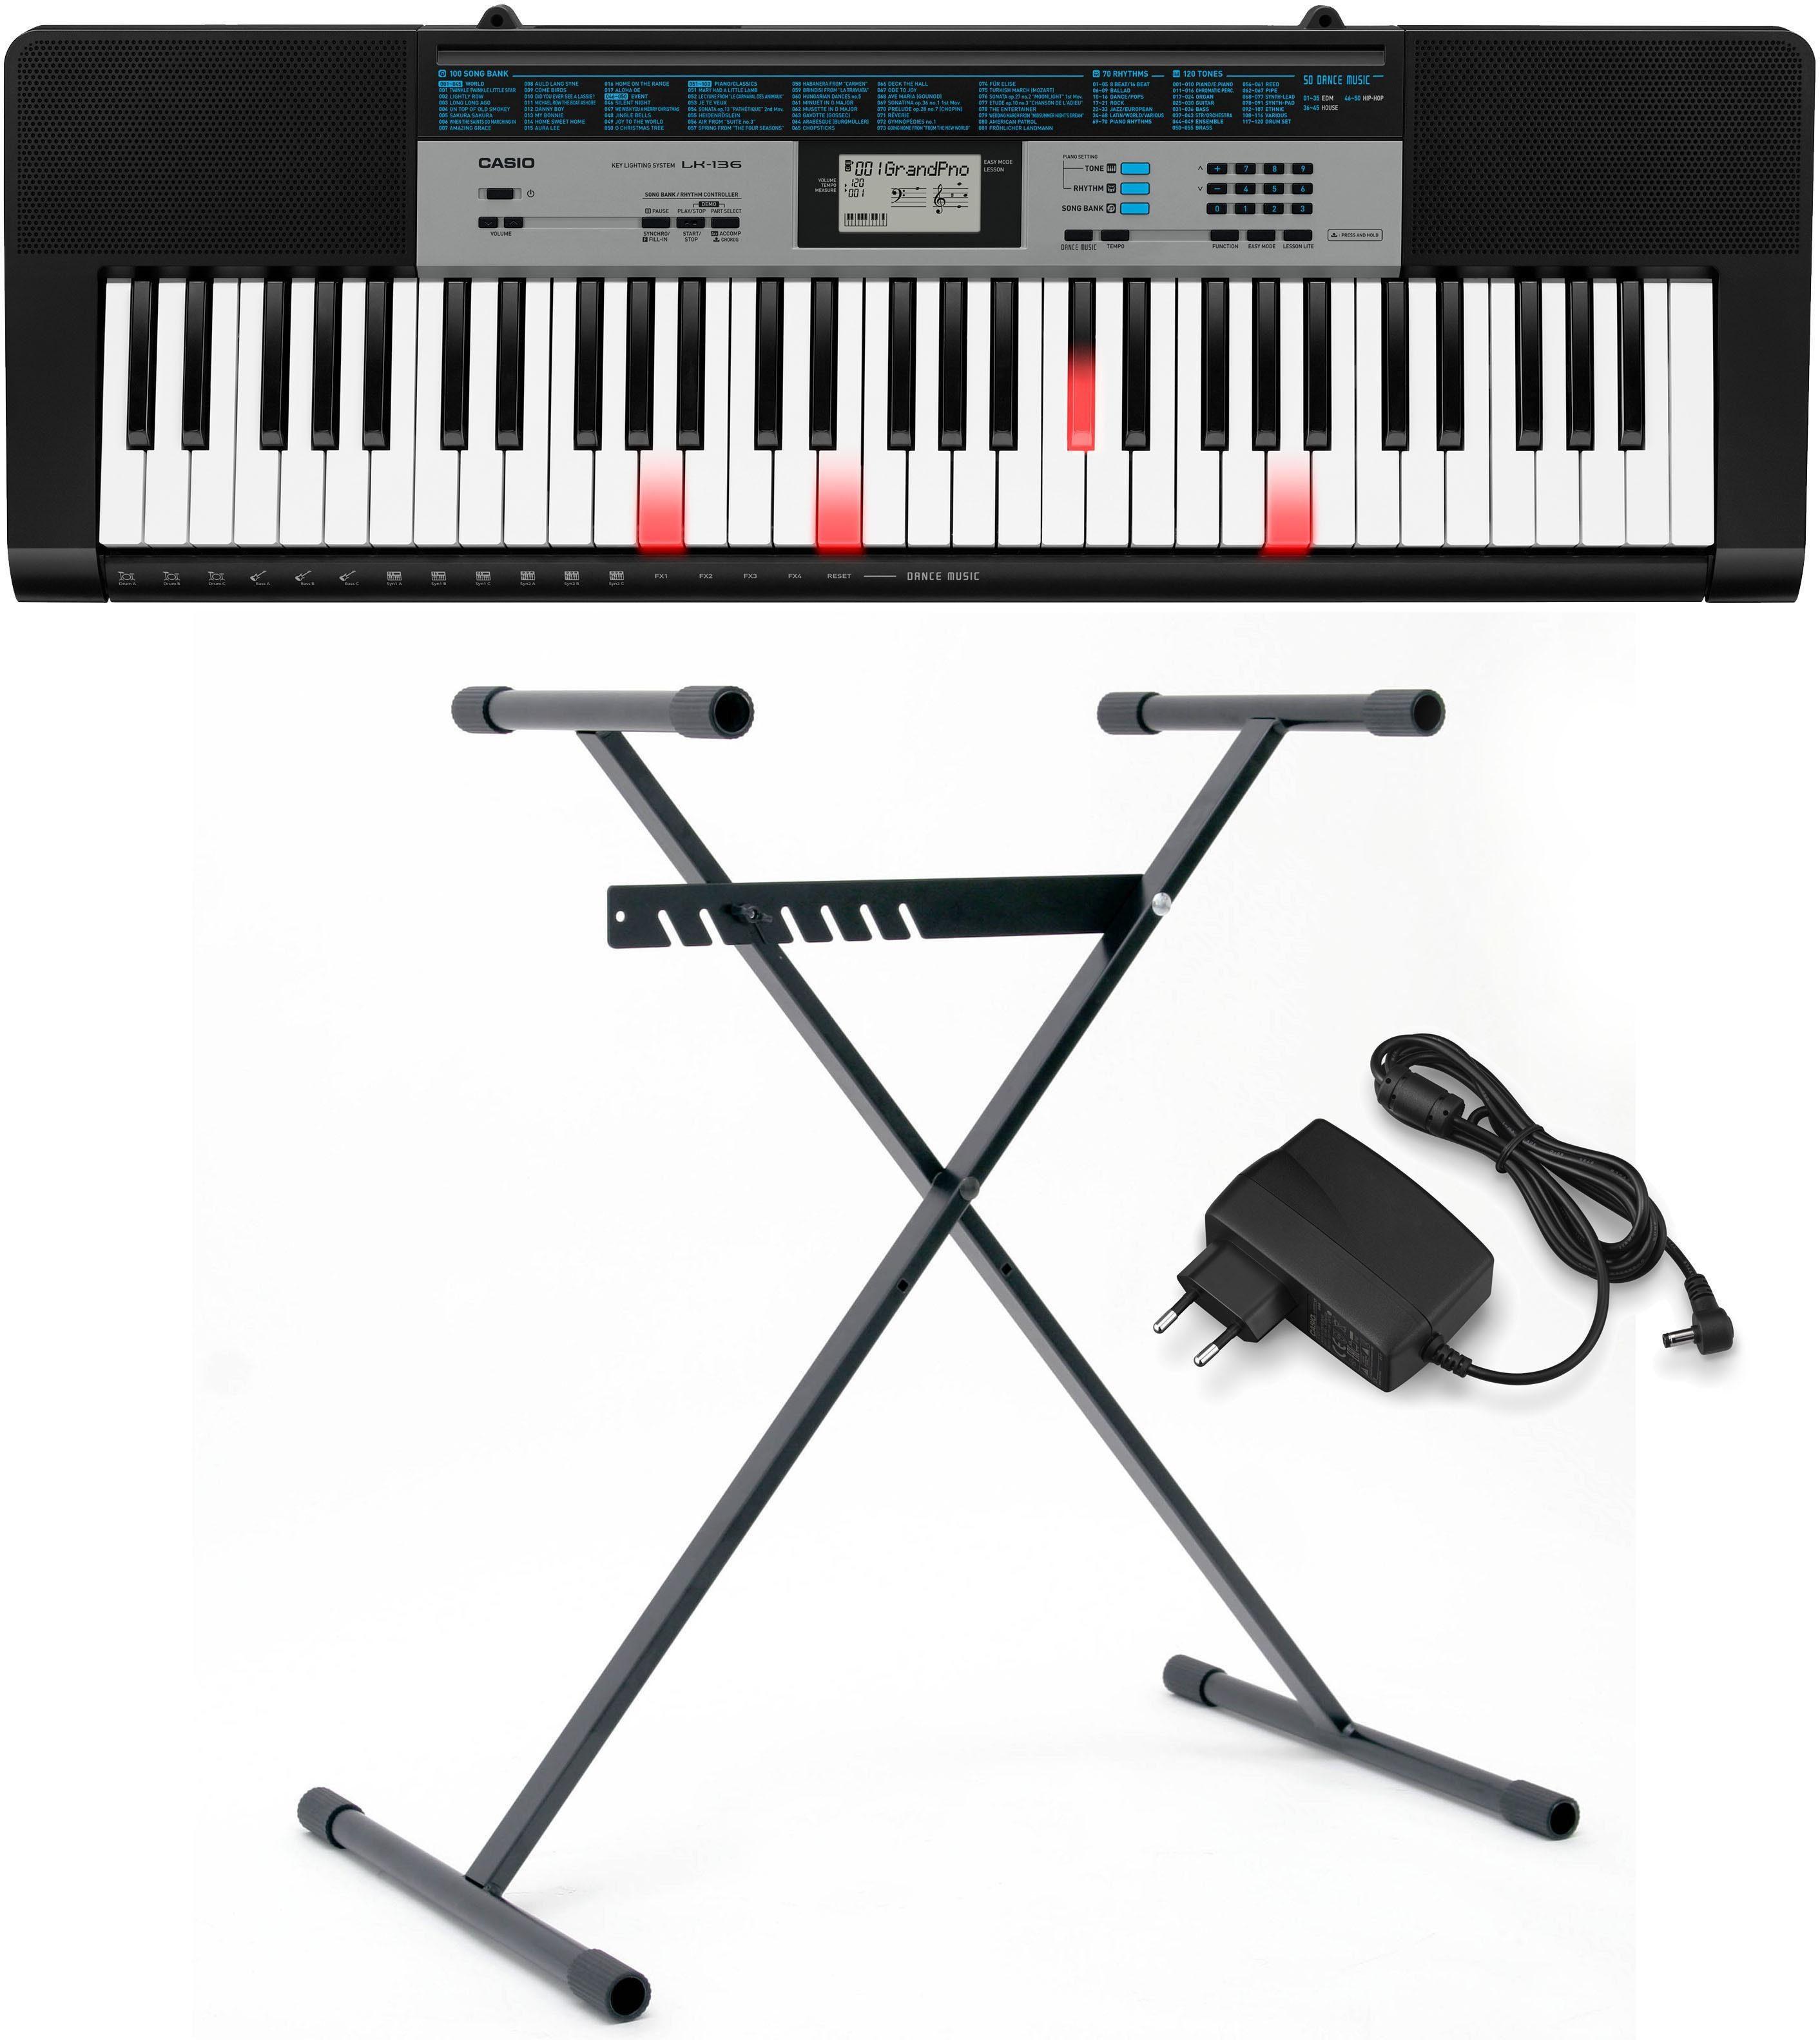 Casio® Keyboard Set mit Leuchttasten, »LK 136 Set«